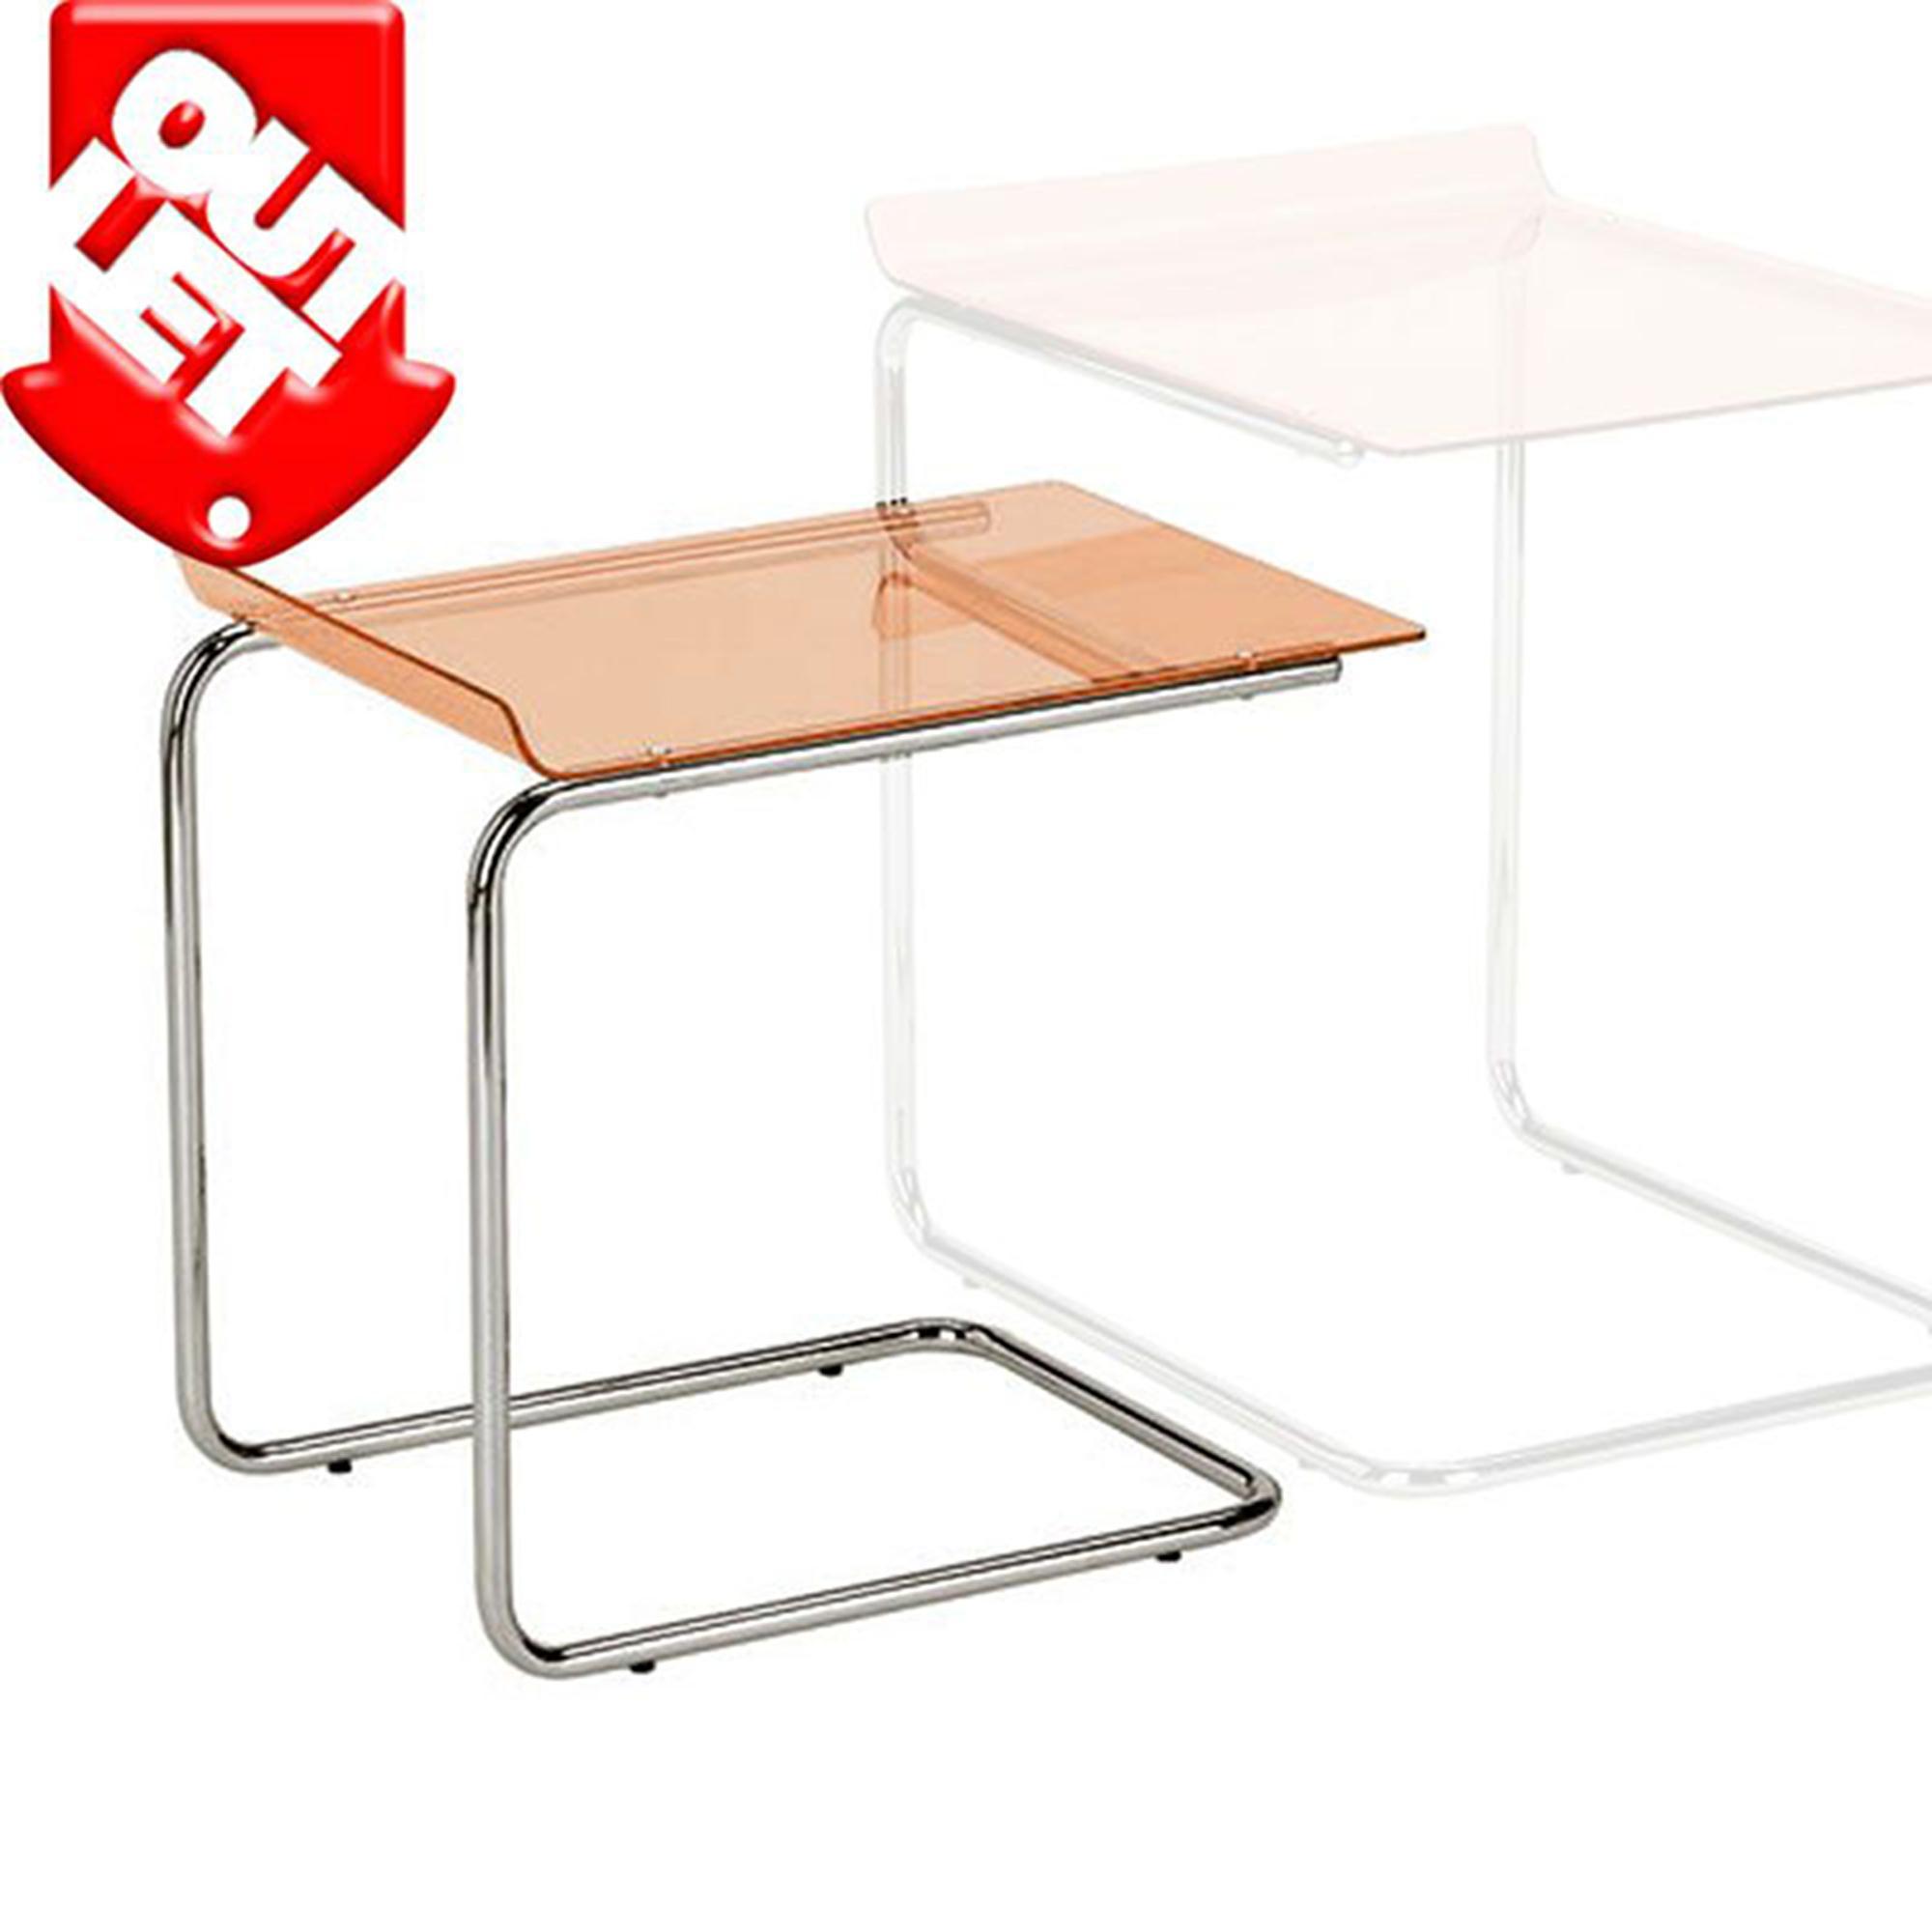 Tavolinetto basso duetto 49x33xh 46 cm struttura in for Tavolini piccoli da cucina